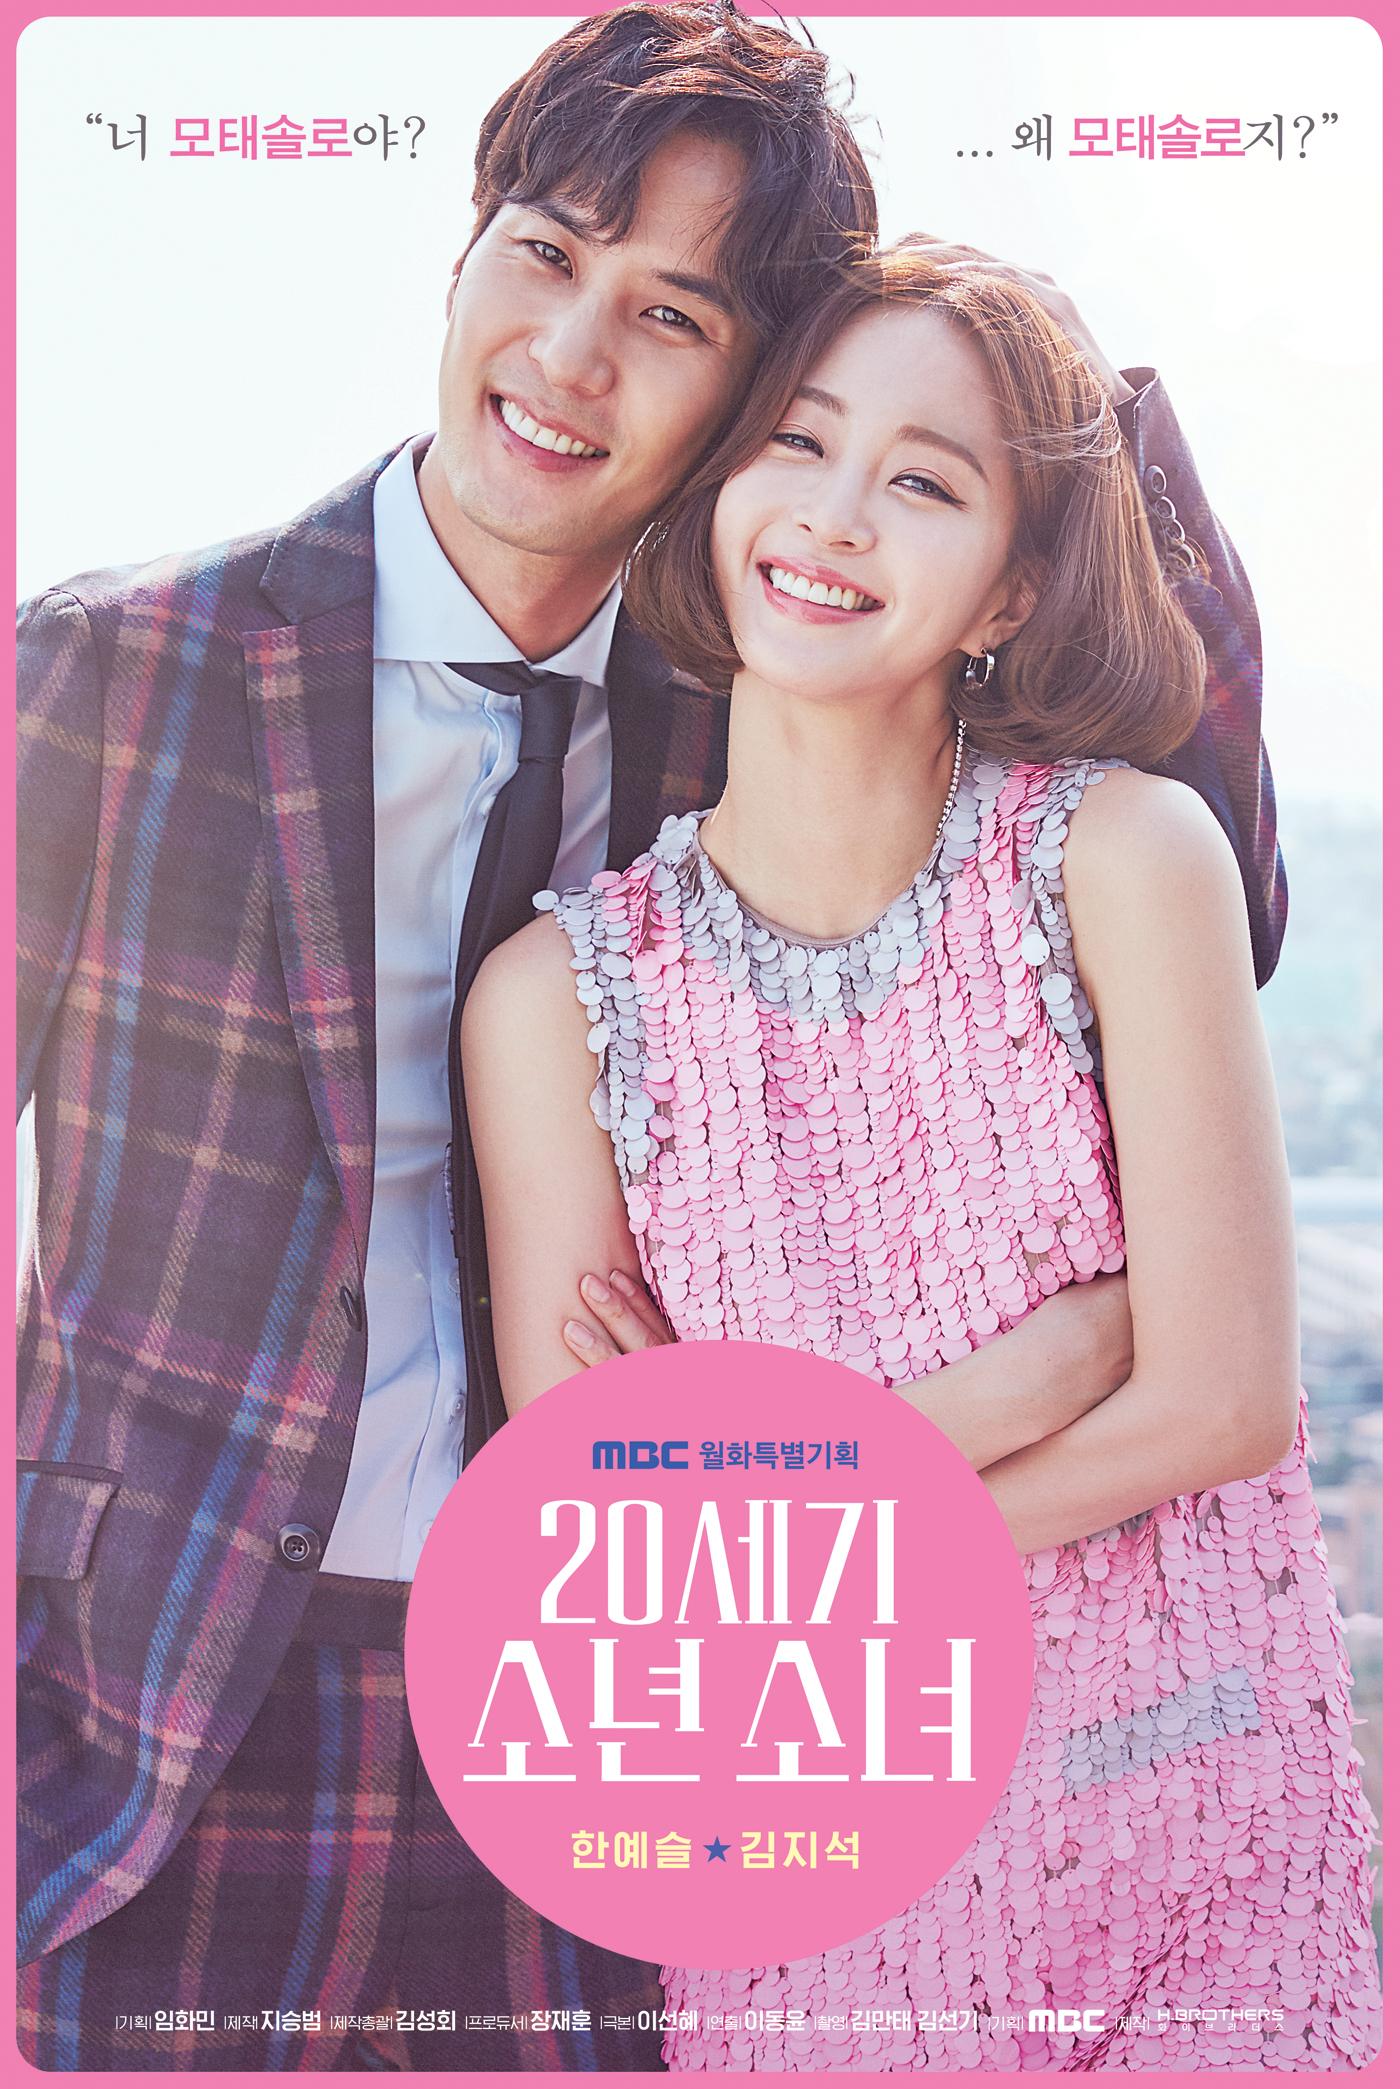 <20세기 소년소녀> 한예슬-김지석, '환상 케미' 돋보이는 커플 포스터 번외편 공개!